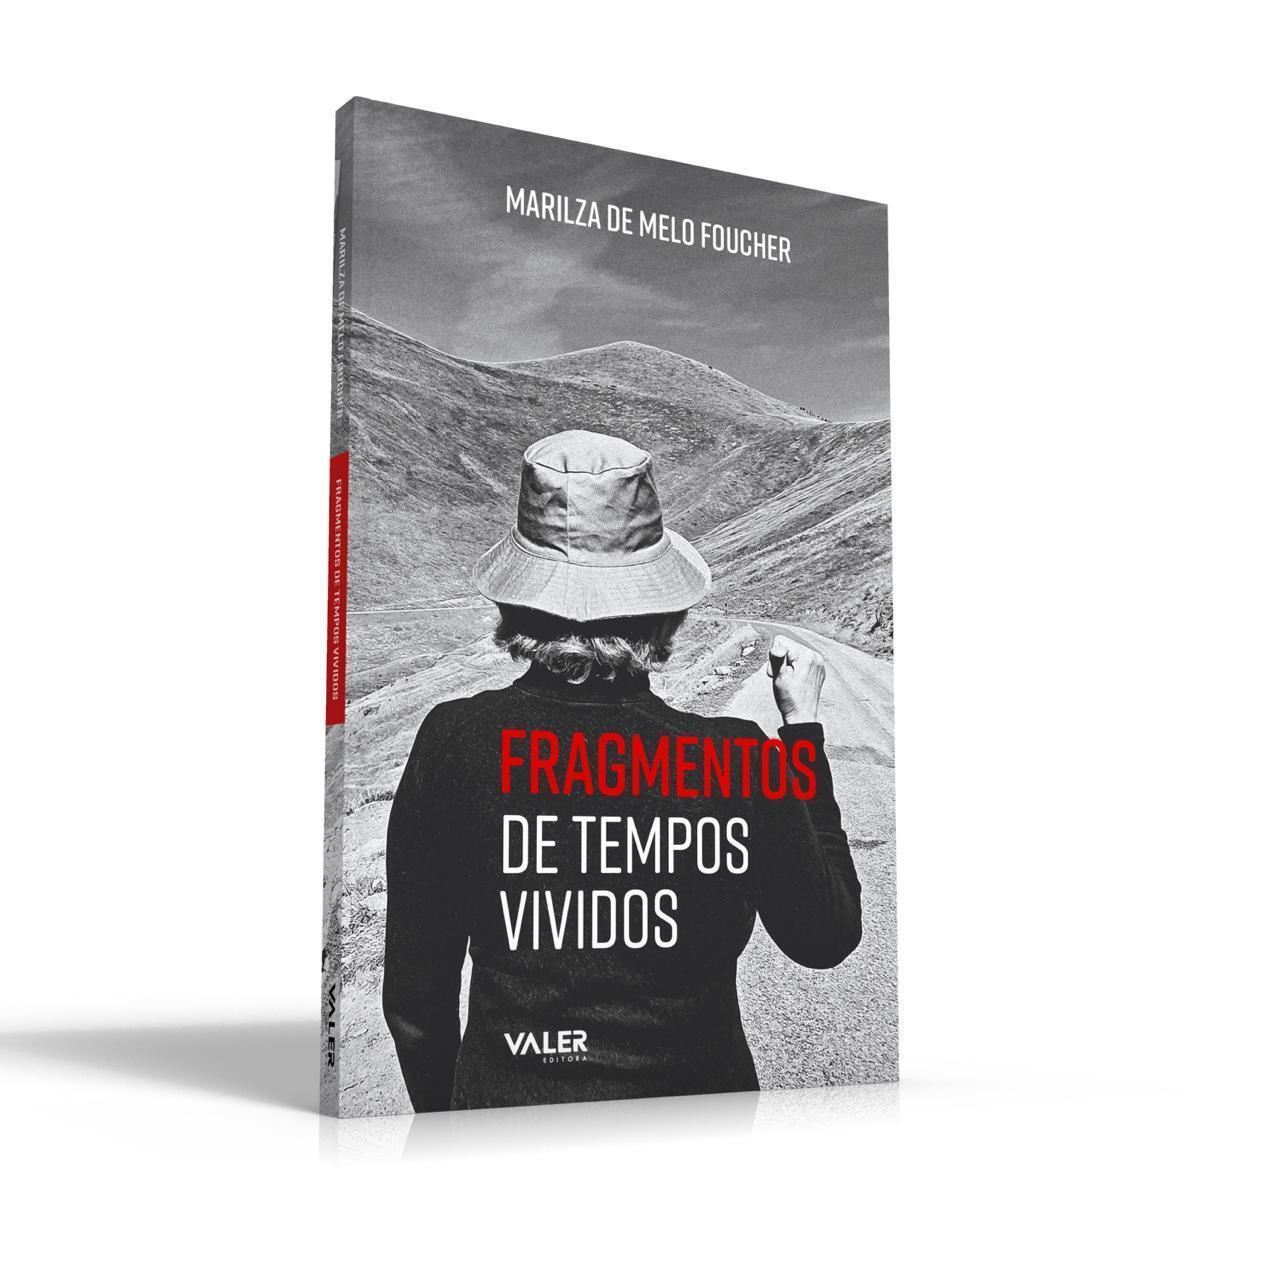 Capa do livro Fragmentos de tempos vividos da escritora Marilza de Melo Foucher.